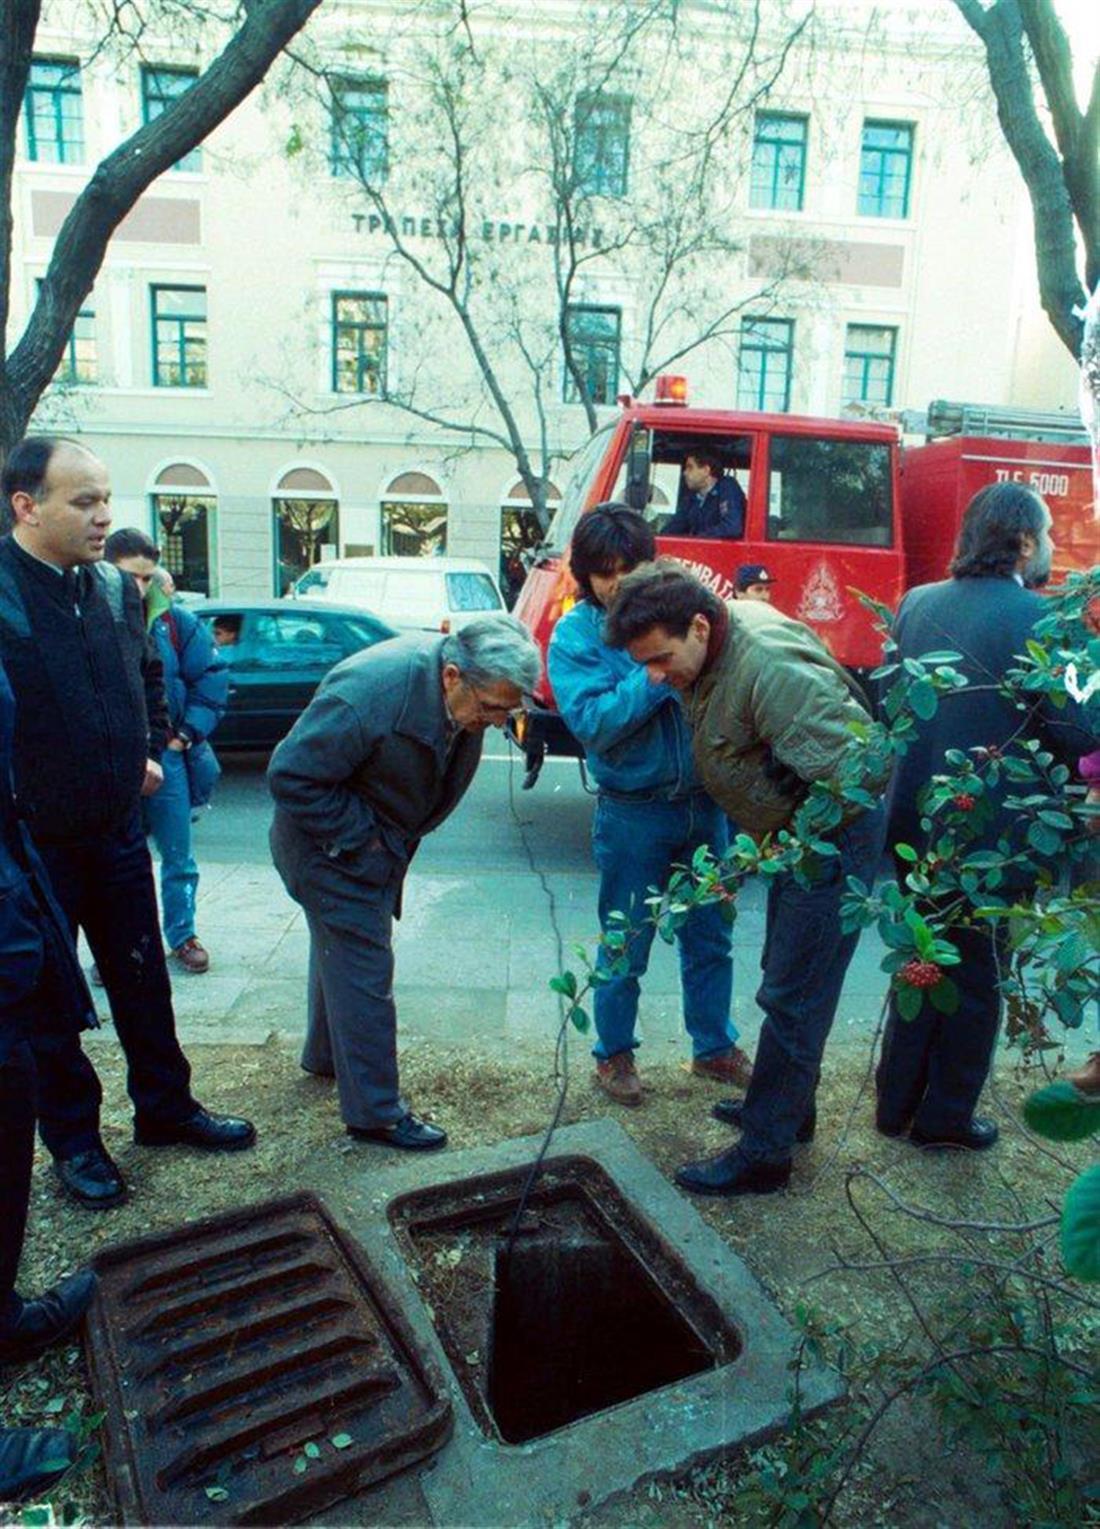 Διάρρηξη - ριφιφί του αιώνα - Τράπεζα Εργασίας - Αθήνα - 21 Δεκεμβρίου 1992